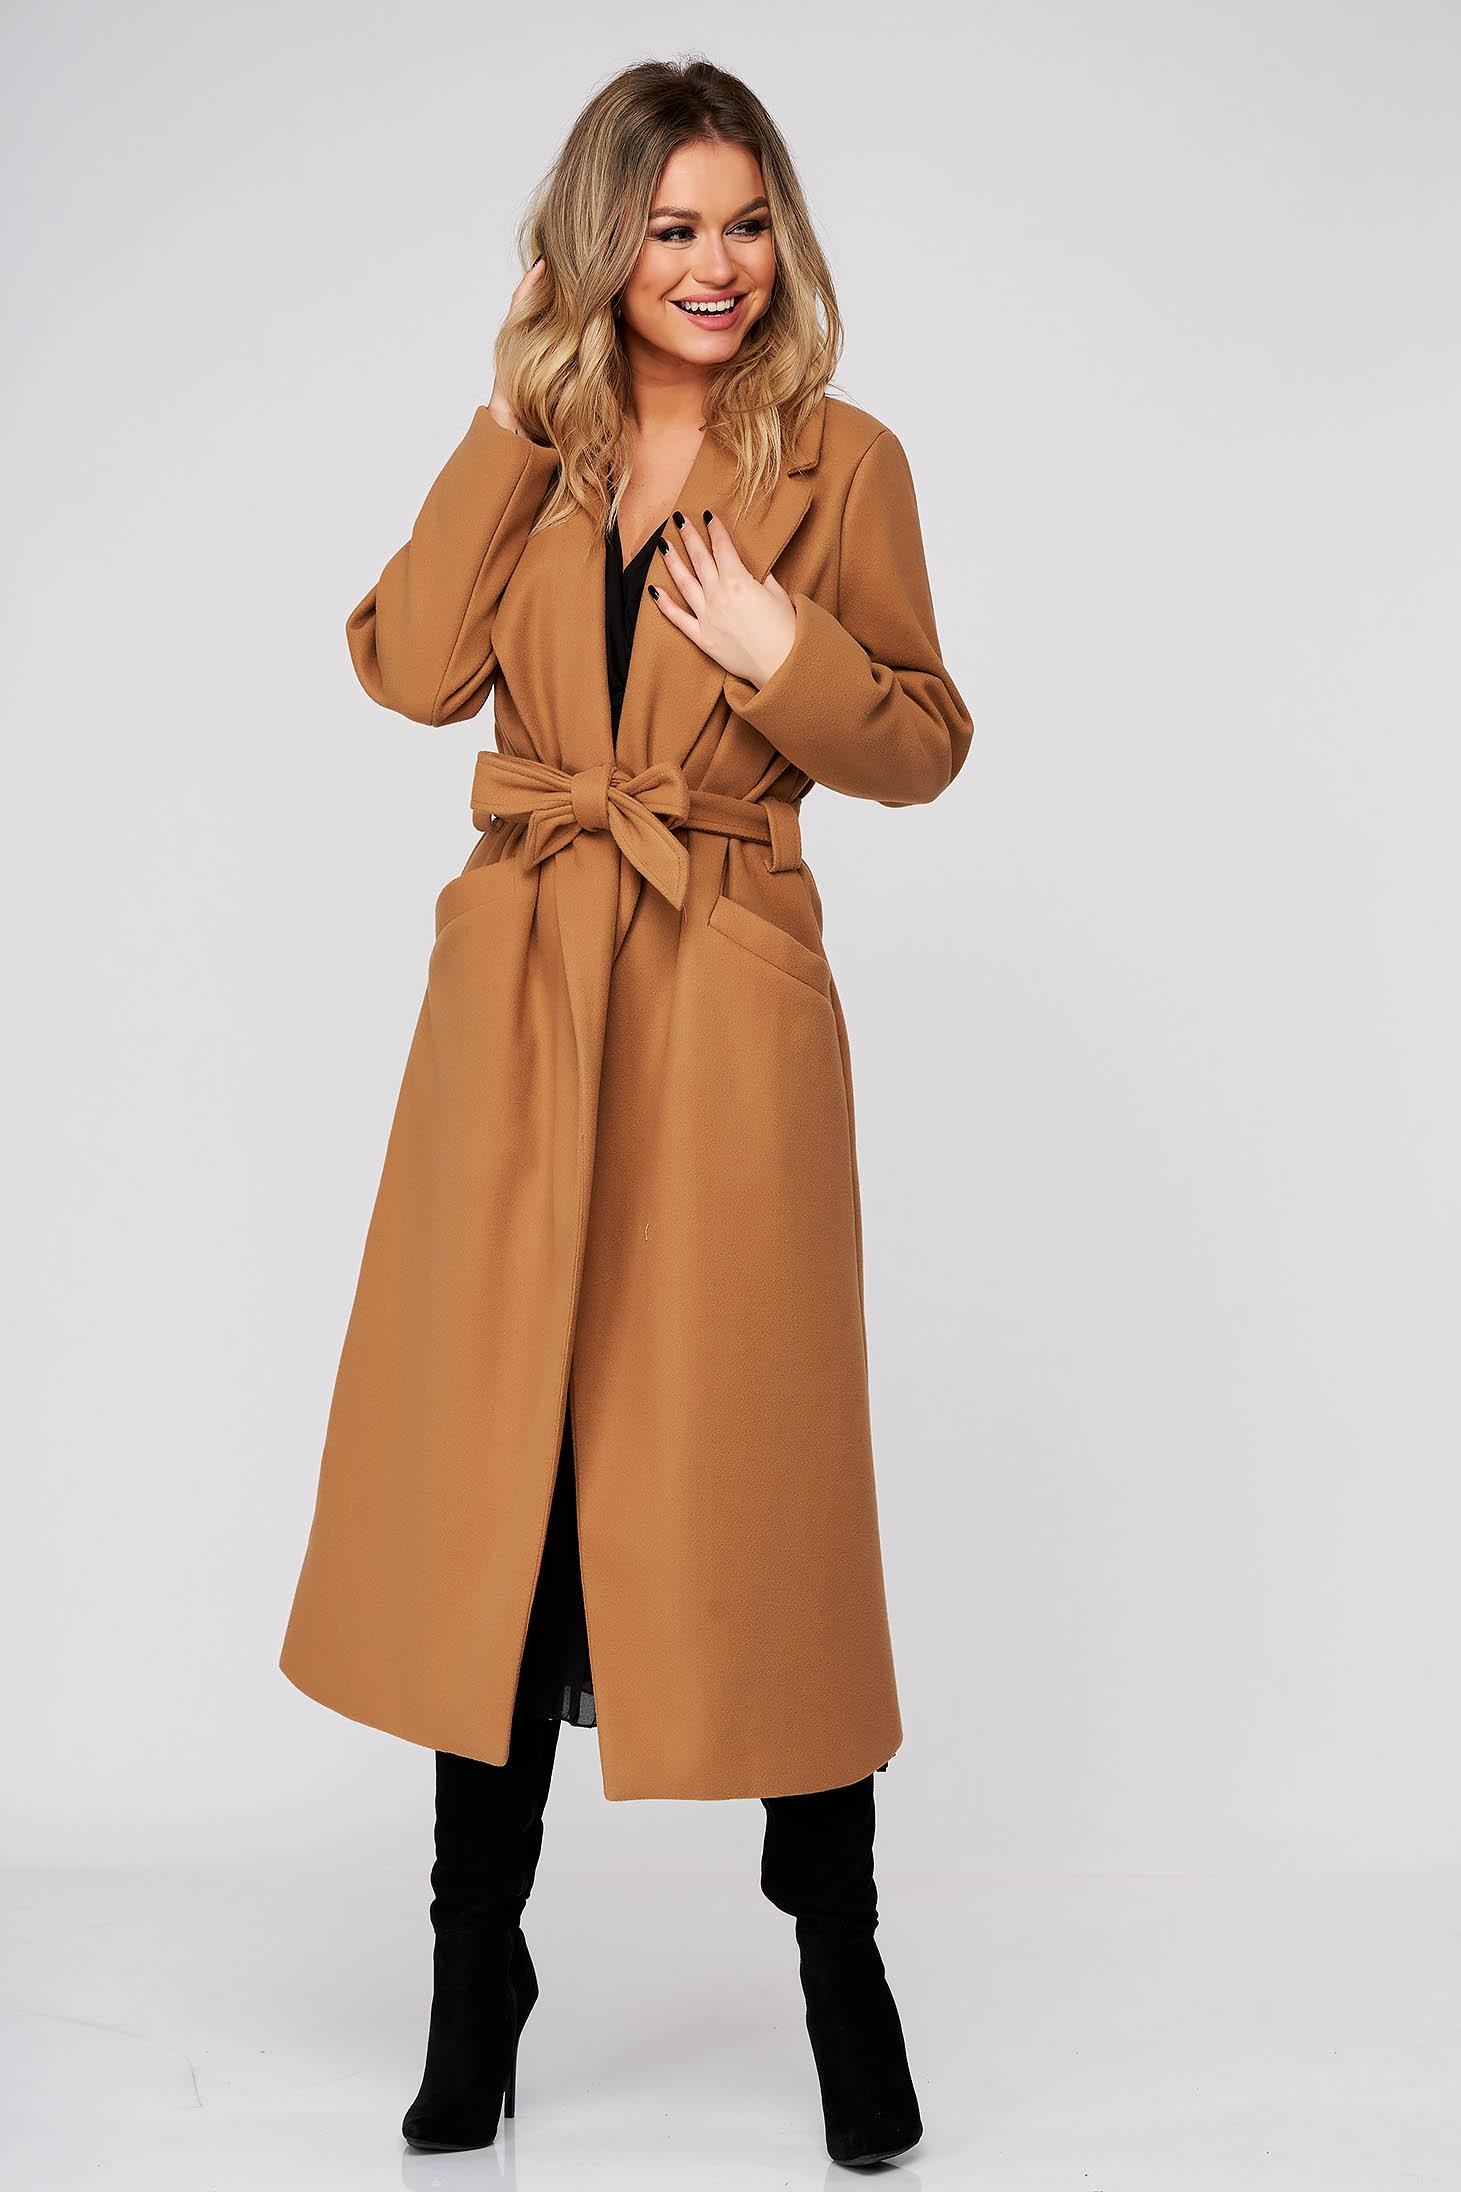 Palton SunShine maro elegant cu un croi drept din stofa neelastica accesorizat cu cordon